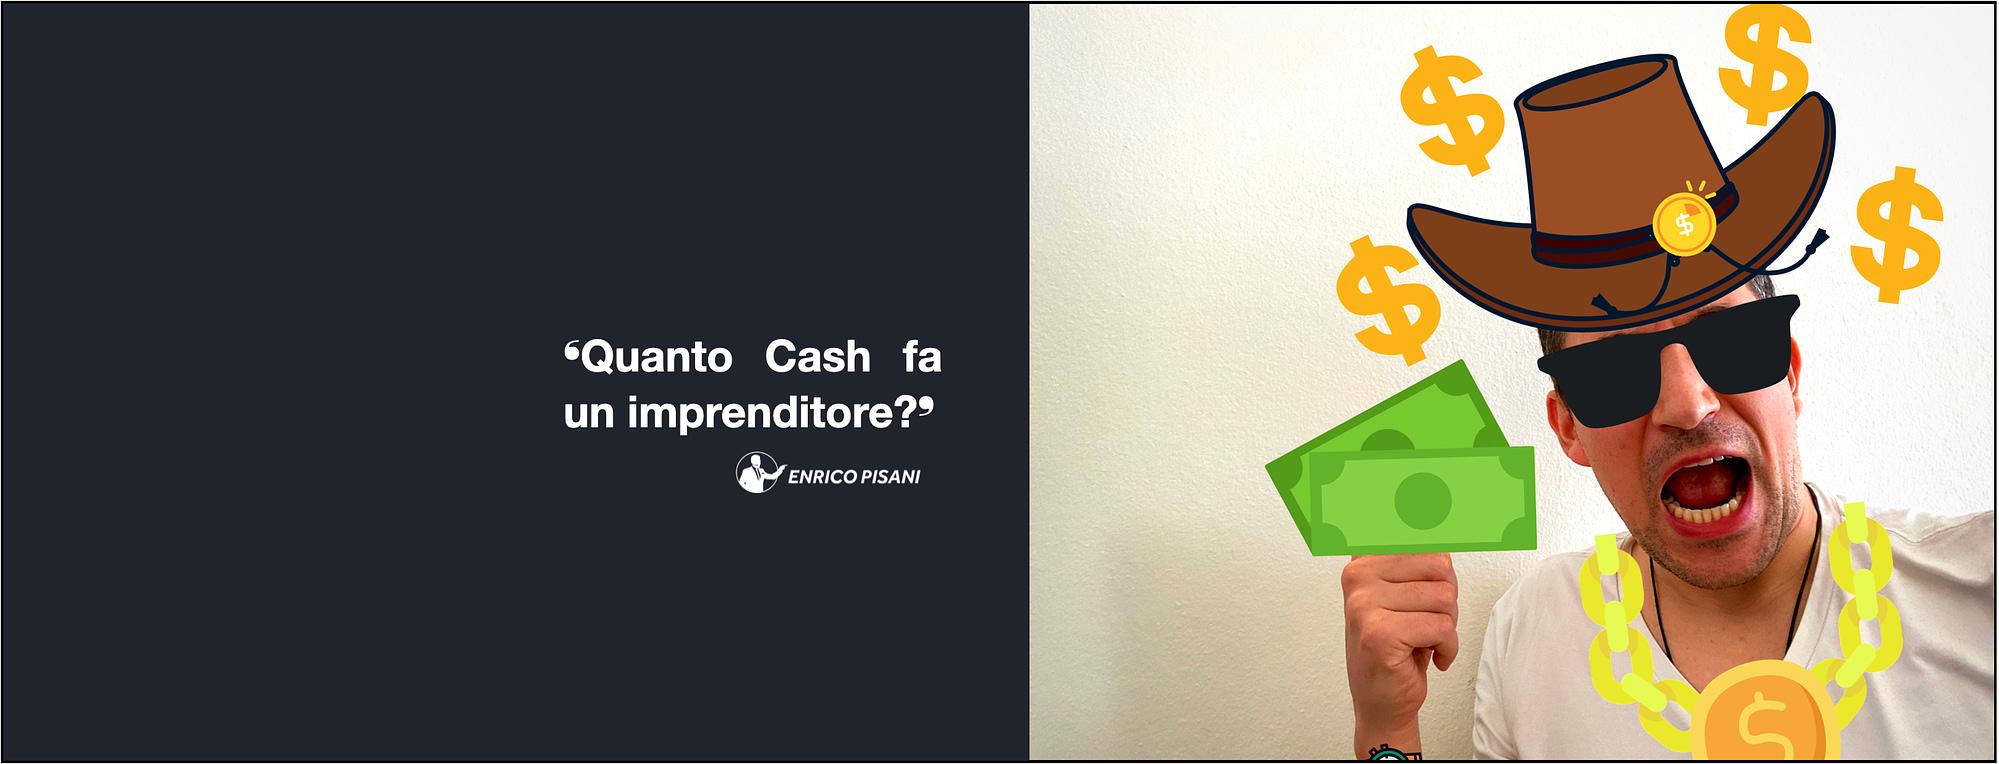 Quanto Cash fa un imprenditore